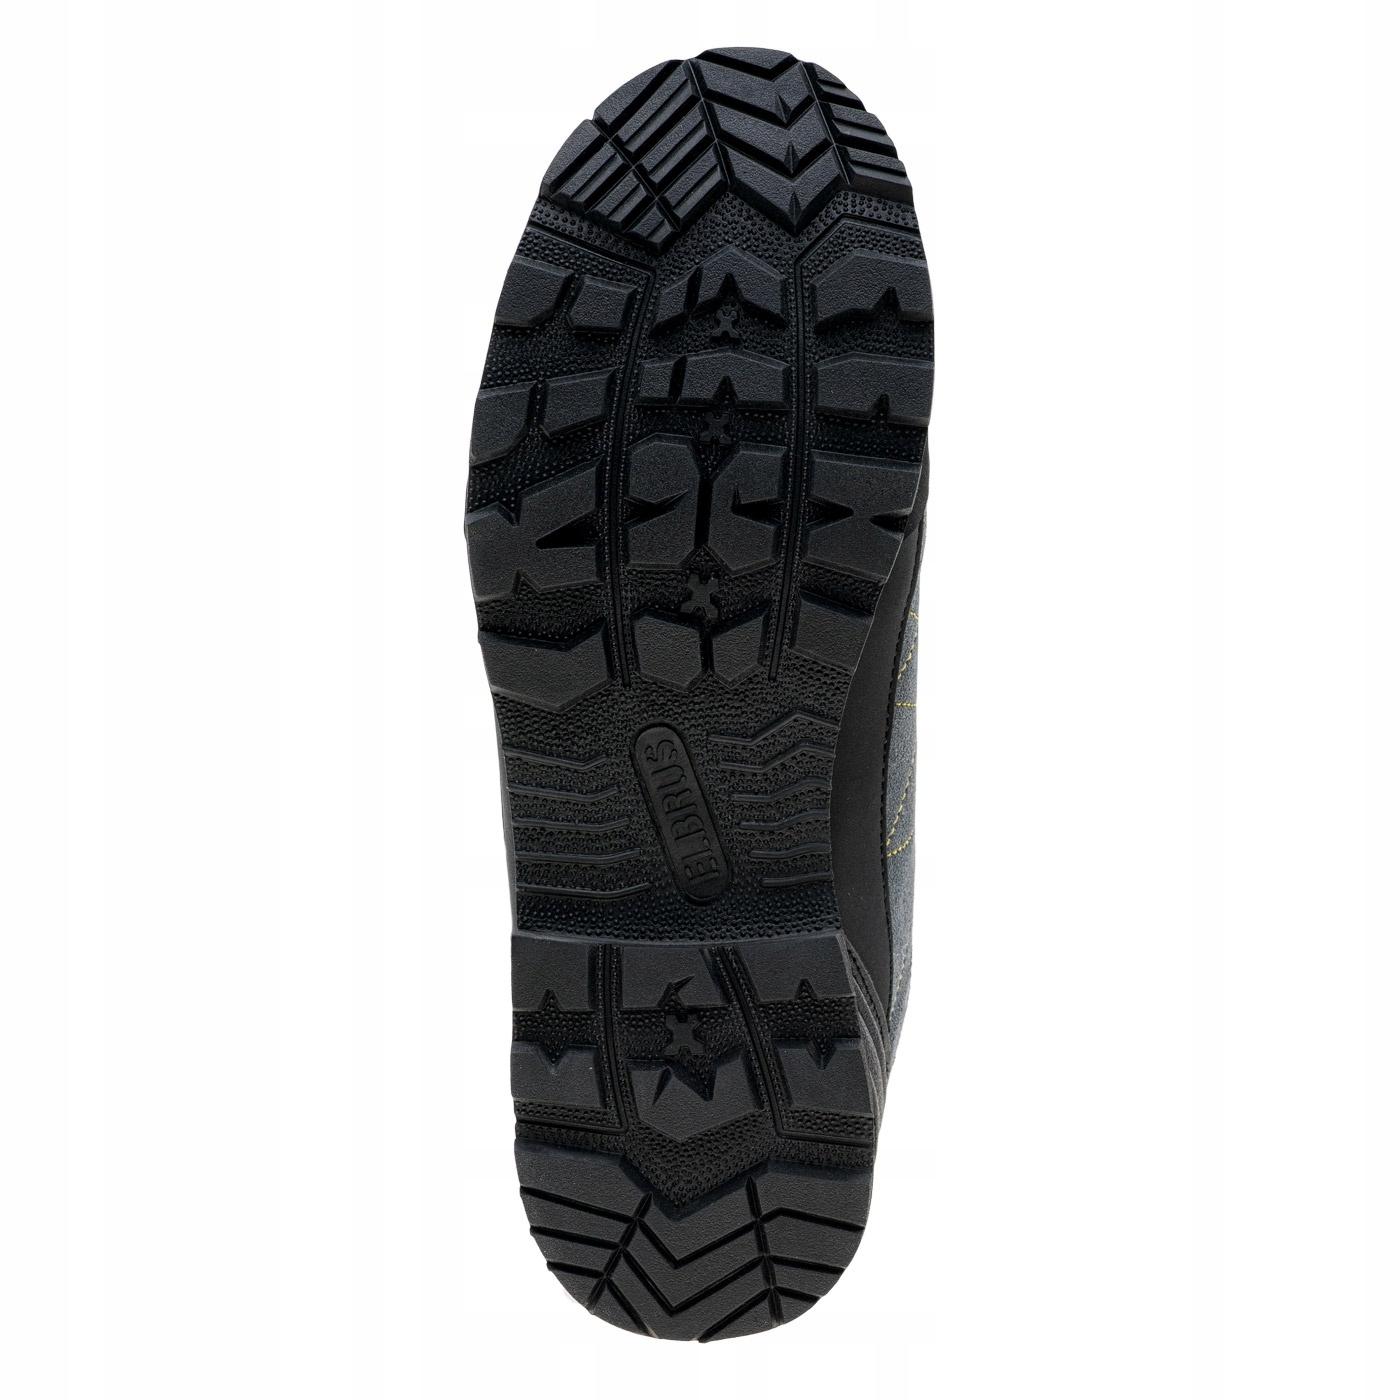 Męskie buty trekkingowe TILBUR 4665 STEEL GREY ELBRUS